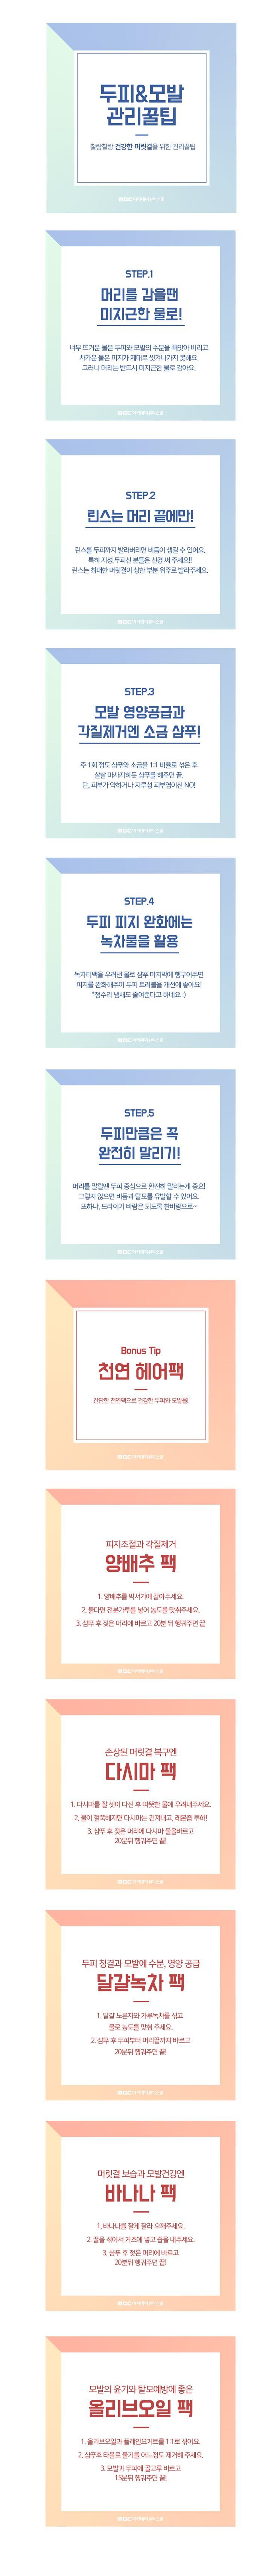 [sns] Vingle 두피&모발관리 꿀팁 sns contents design